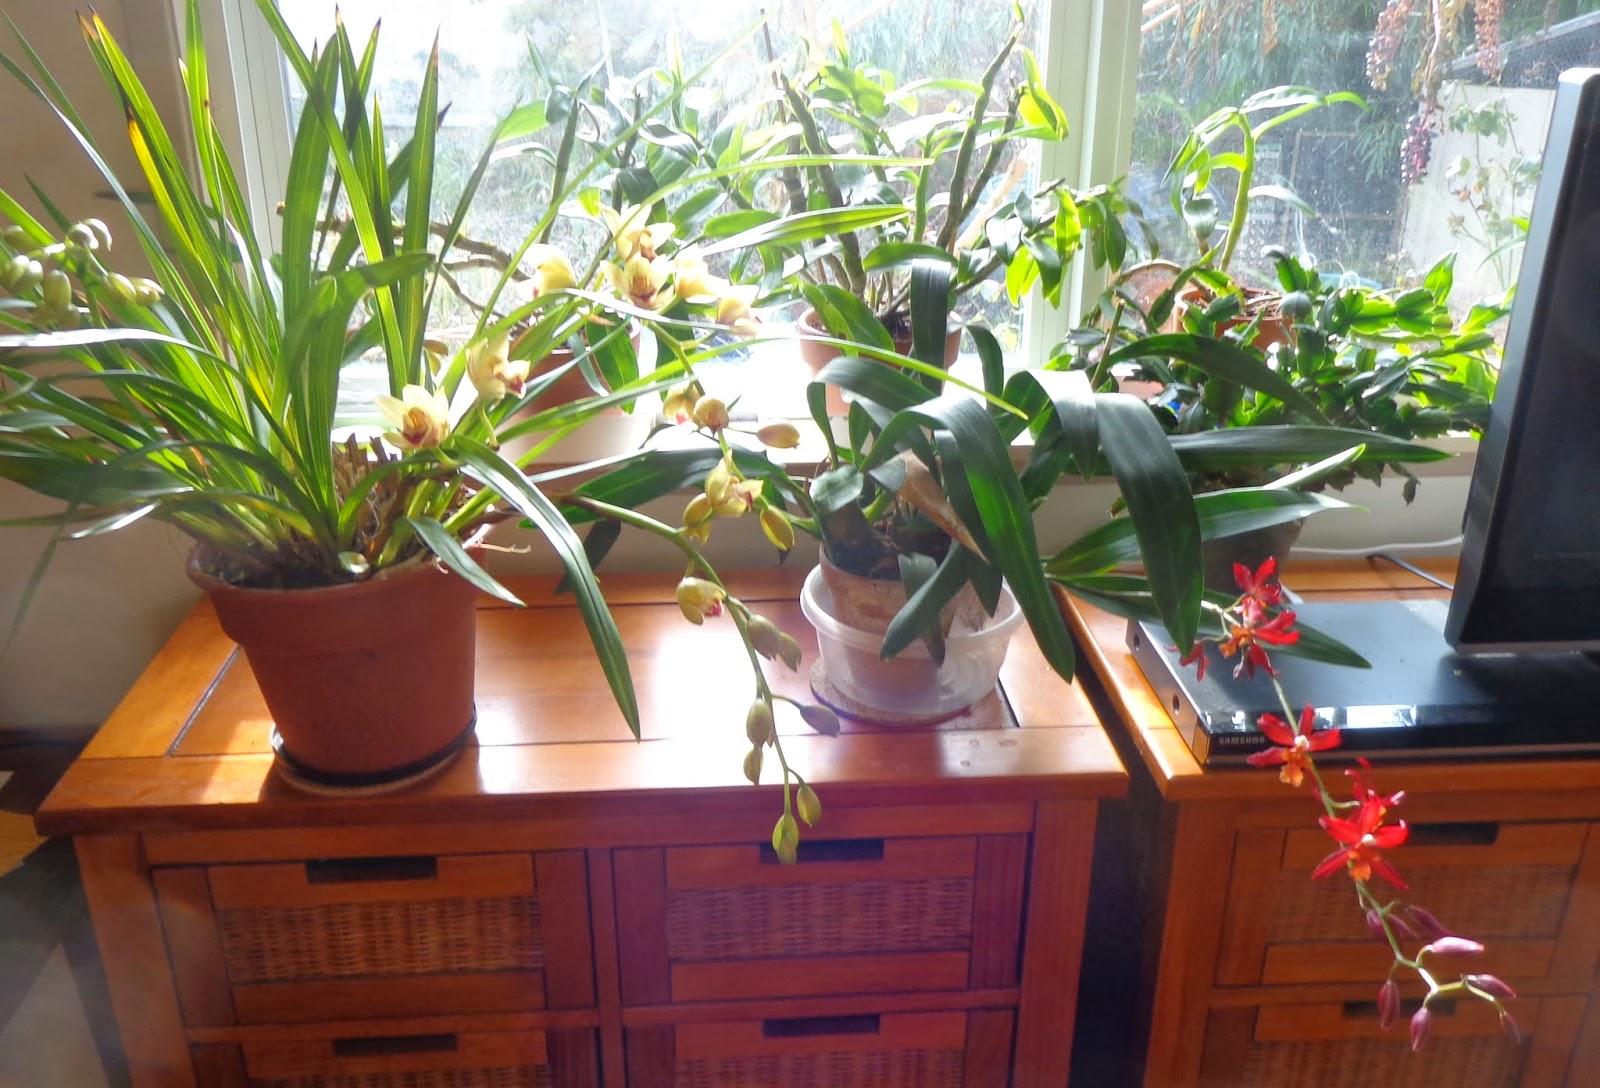 Growing greener in the pacific northwest indoor garden for Indoor gardening rainier oregon